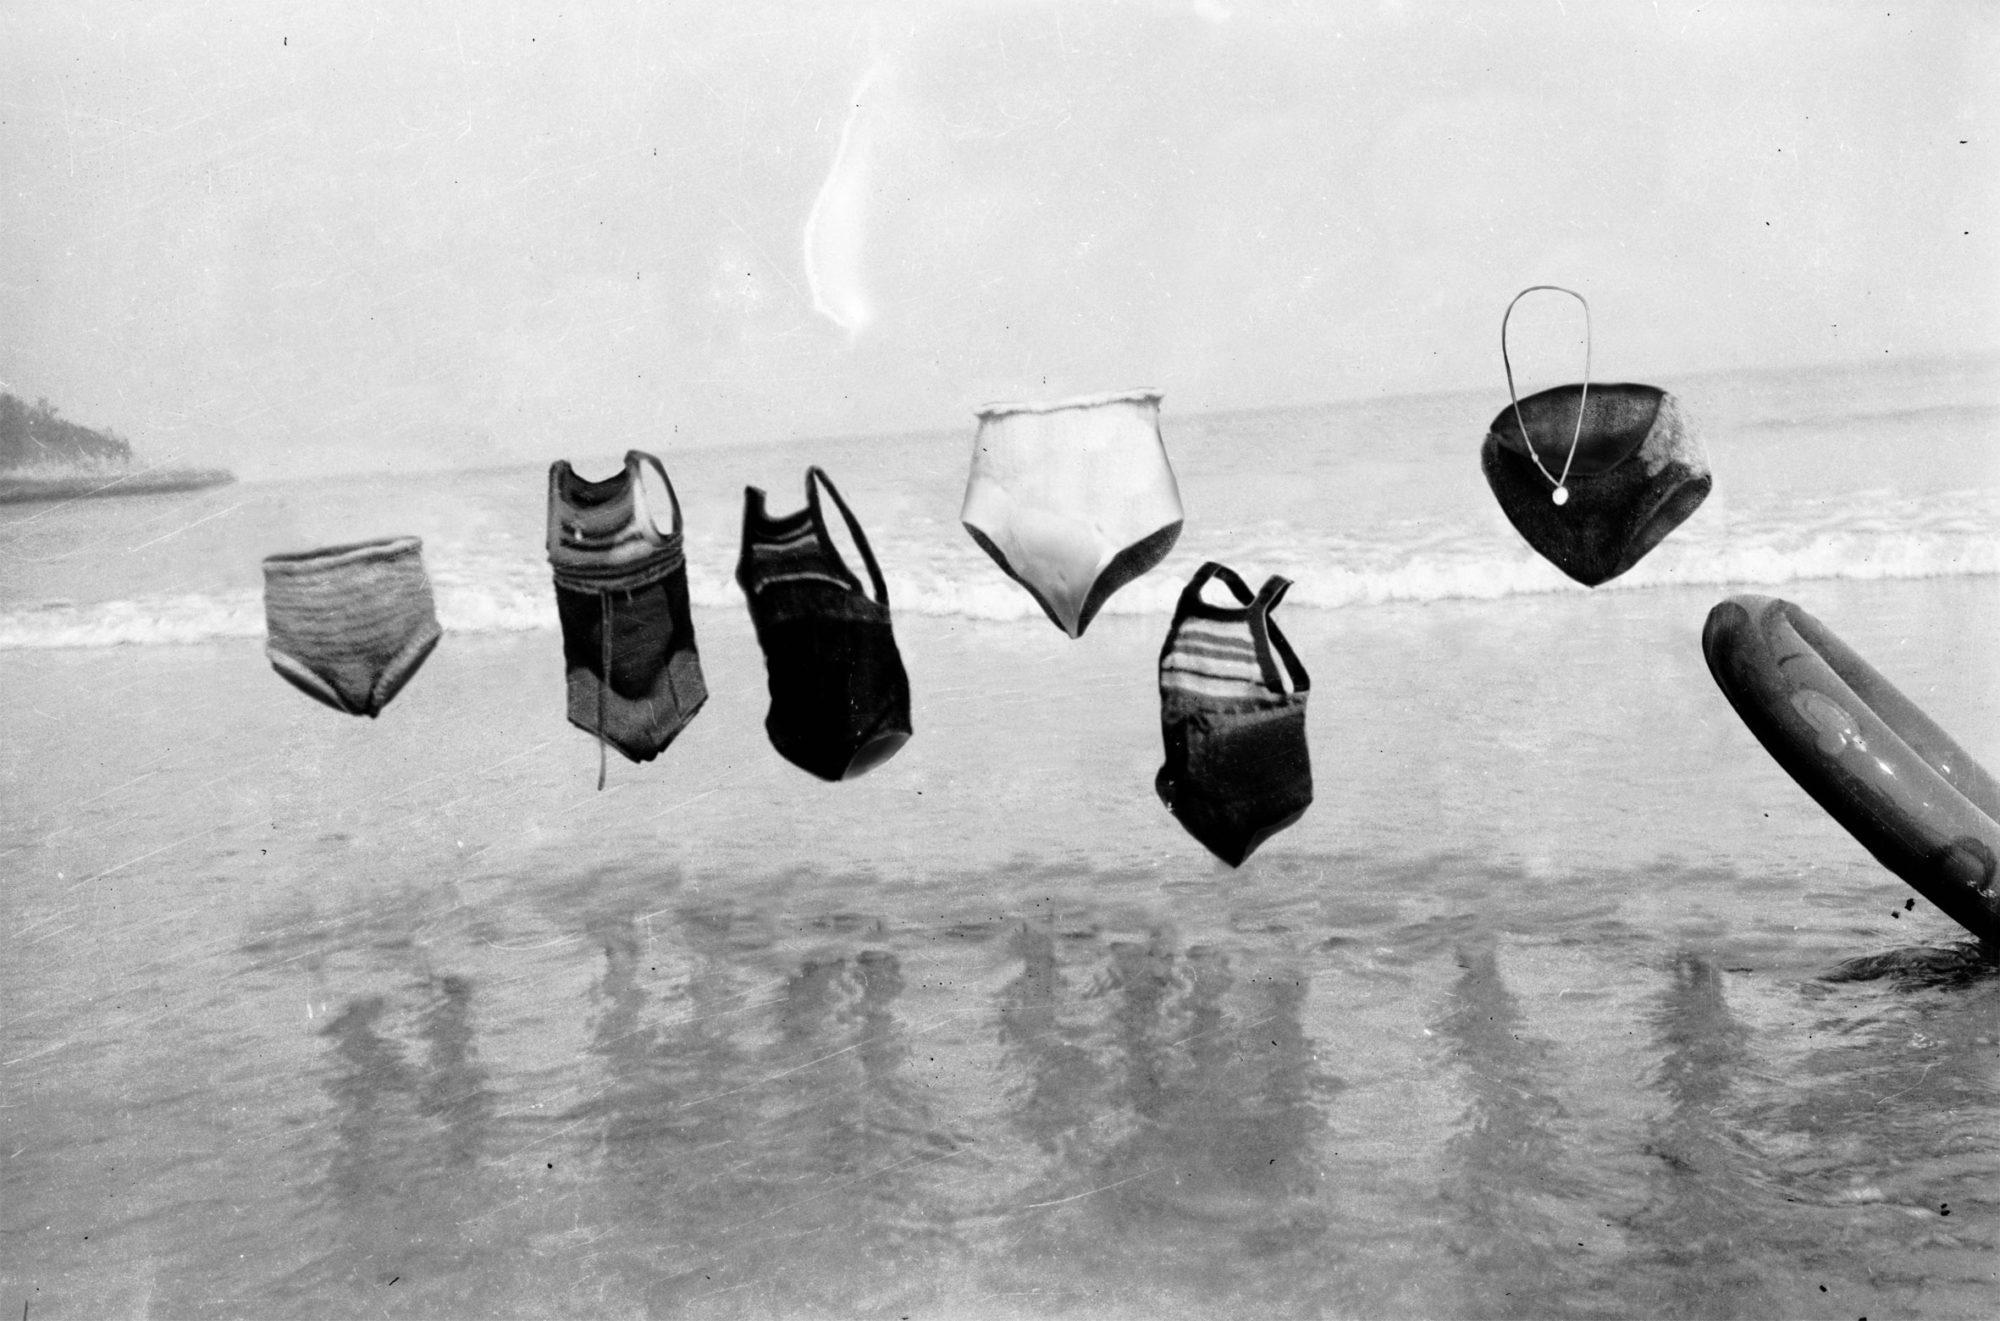 Que la marée vienne et m'emmène plus loin - Galerie Georges-Philippe & Nathalie Vallois